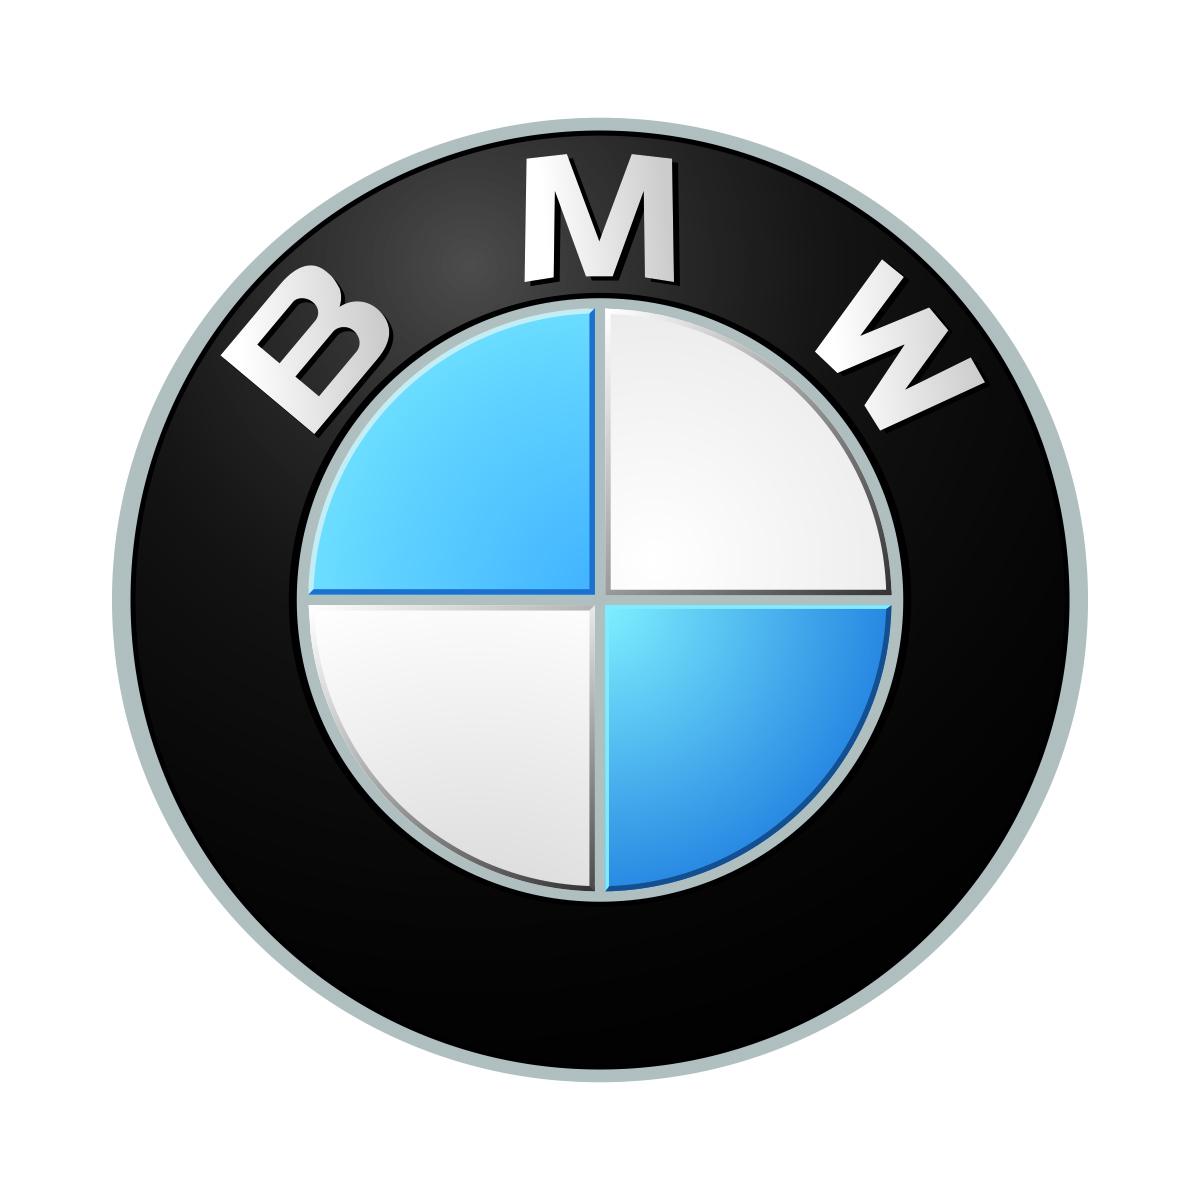 https://secureservercdn.net/45.40.150.47/08r.a40.myftpupload.com/wp-content/uploads/2019/04/BMW.jpg